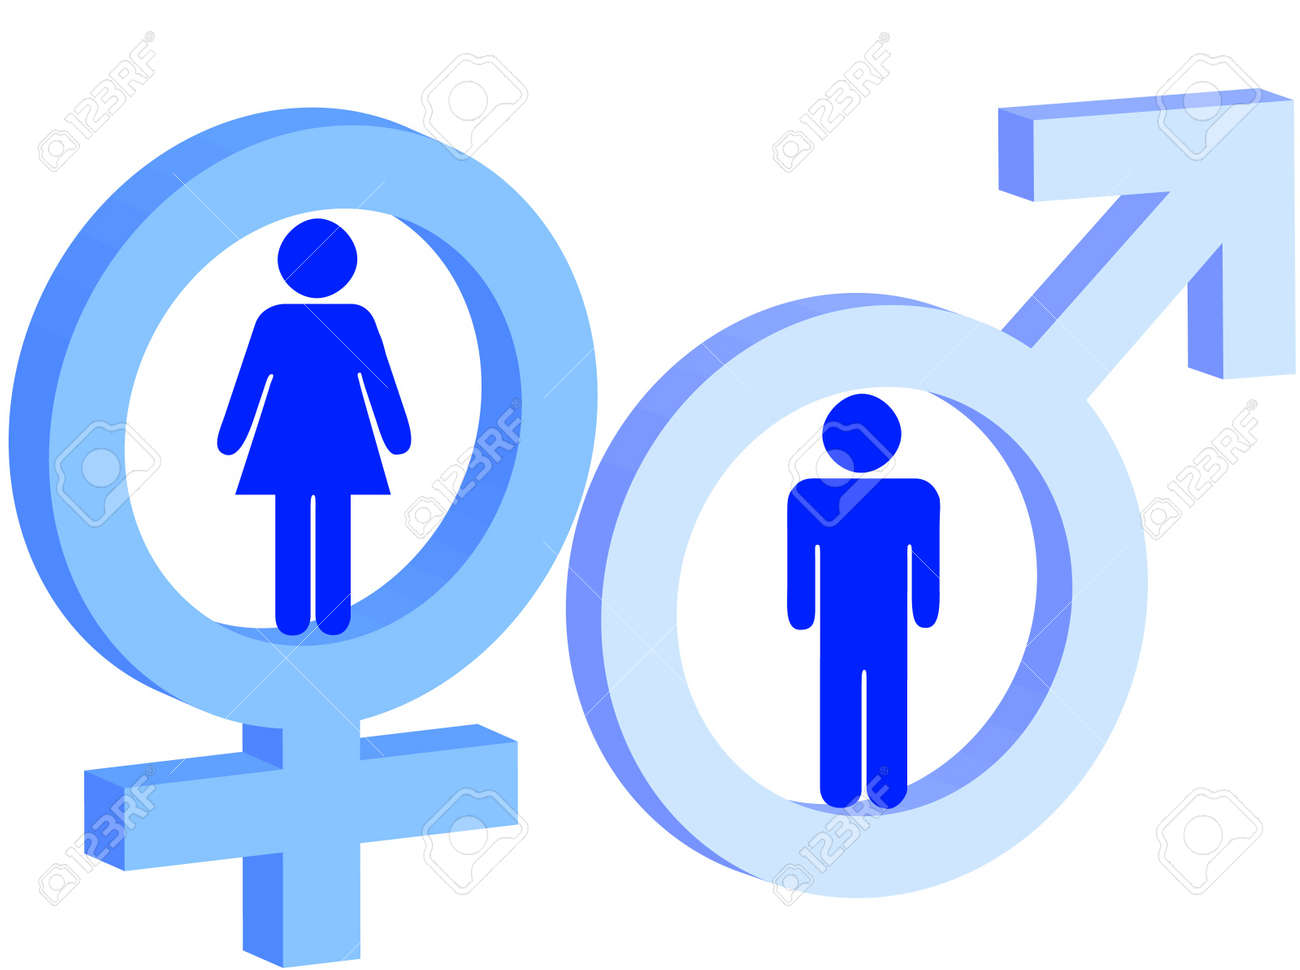 Signo De Hombre Y Mujer Como Símbolo De Hombre Y Mujer Fotos